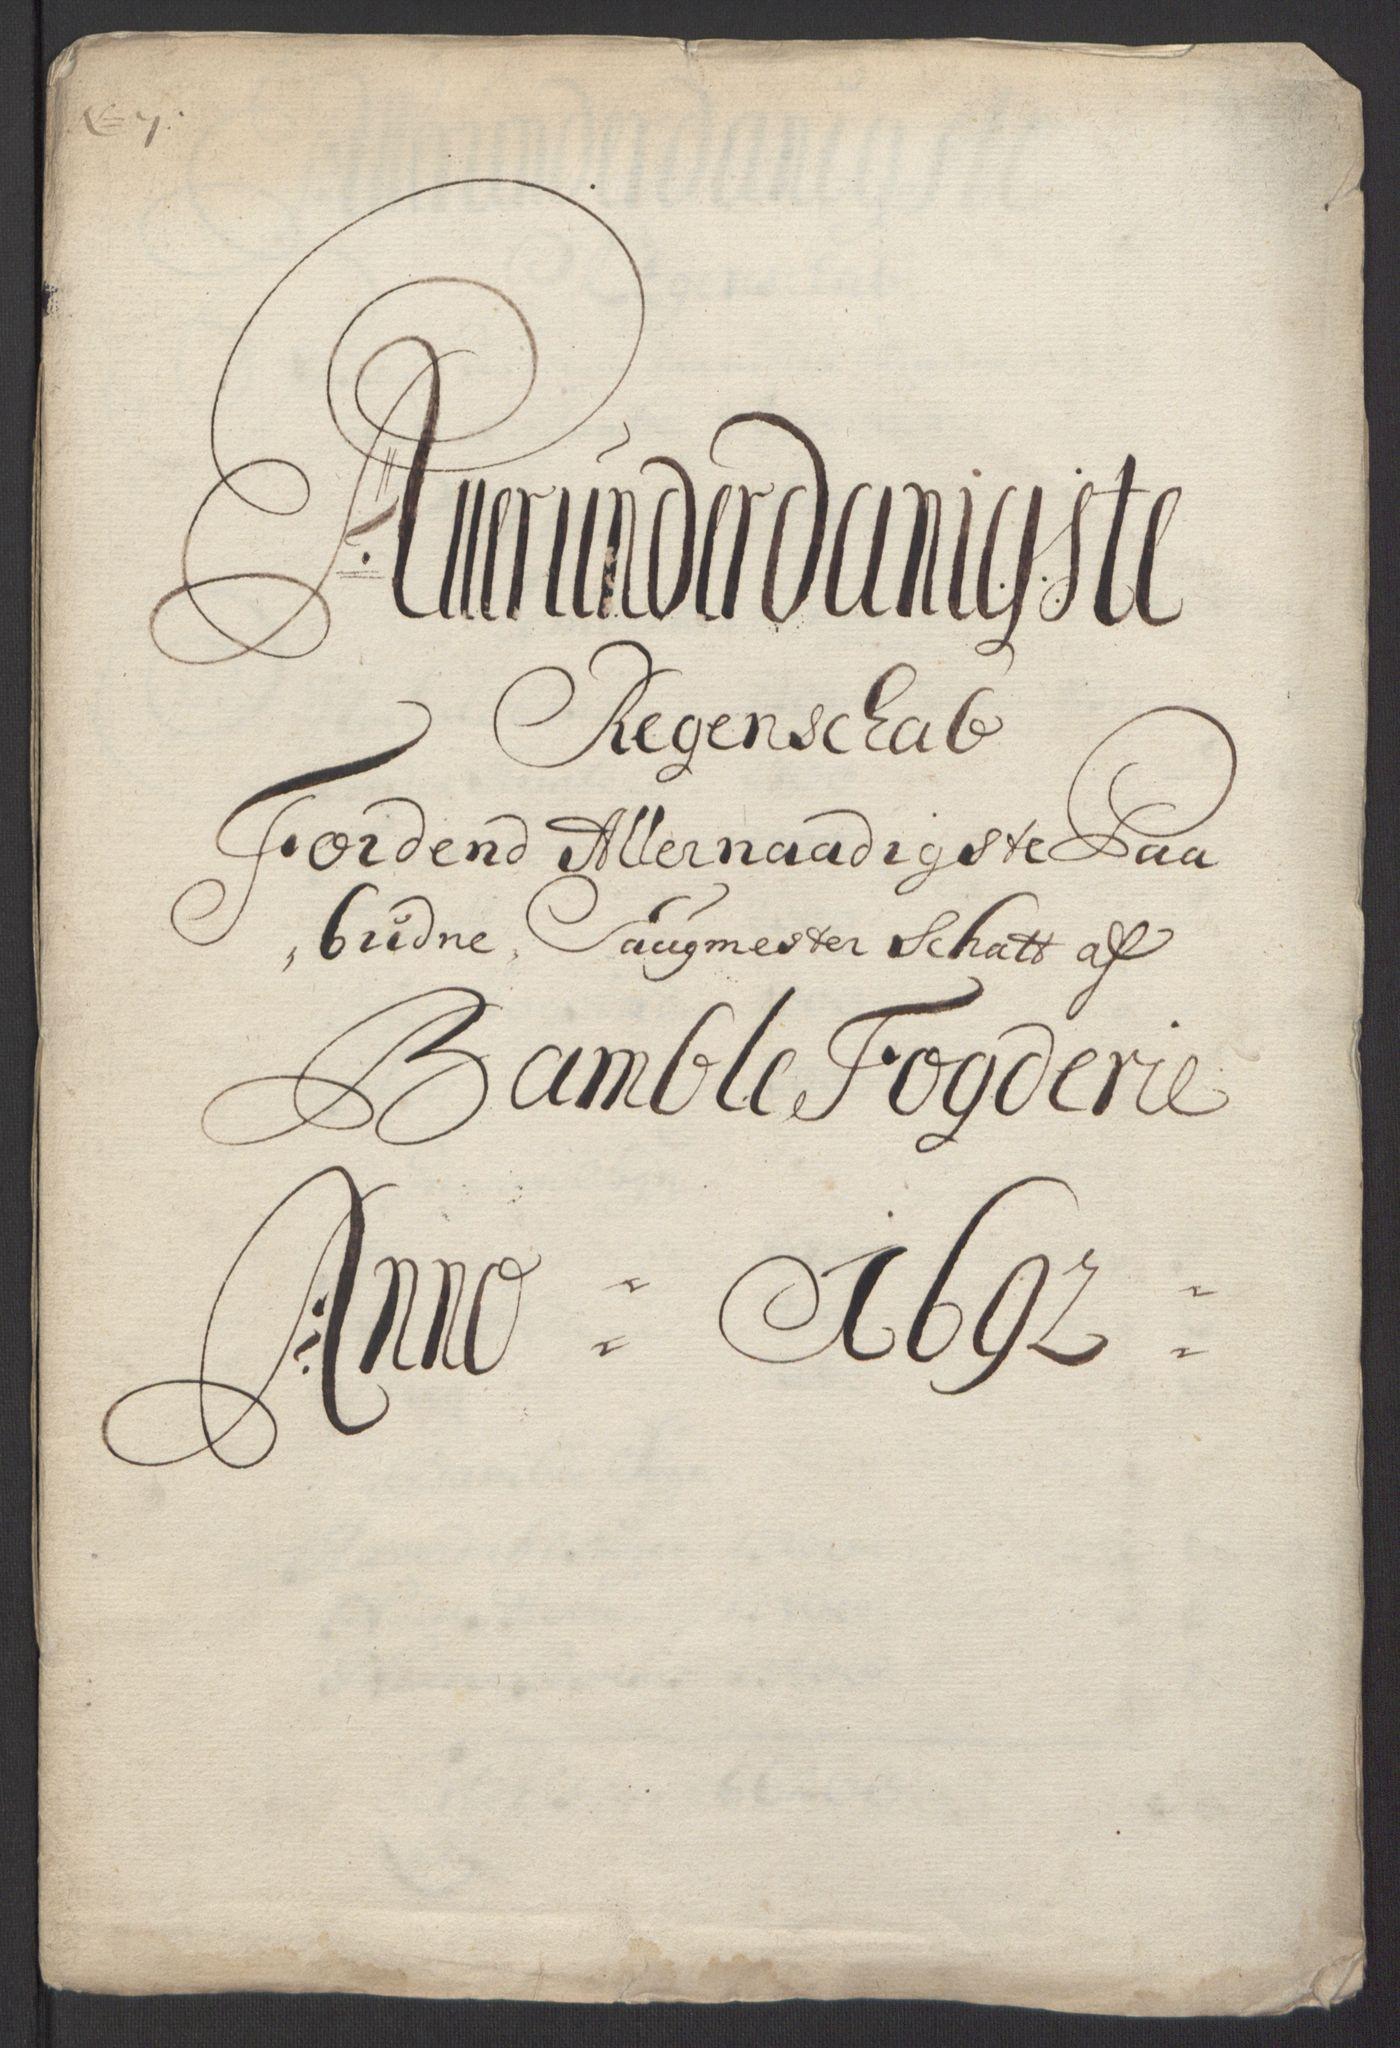 RA, Rentekammeret inntil 1814, Reviderte regnskaper, Fogderegnskap, R34/L2052: Fogderegnskap Bamble, 1692-1693, s. 58